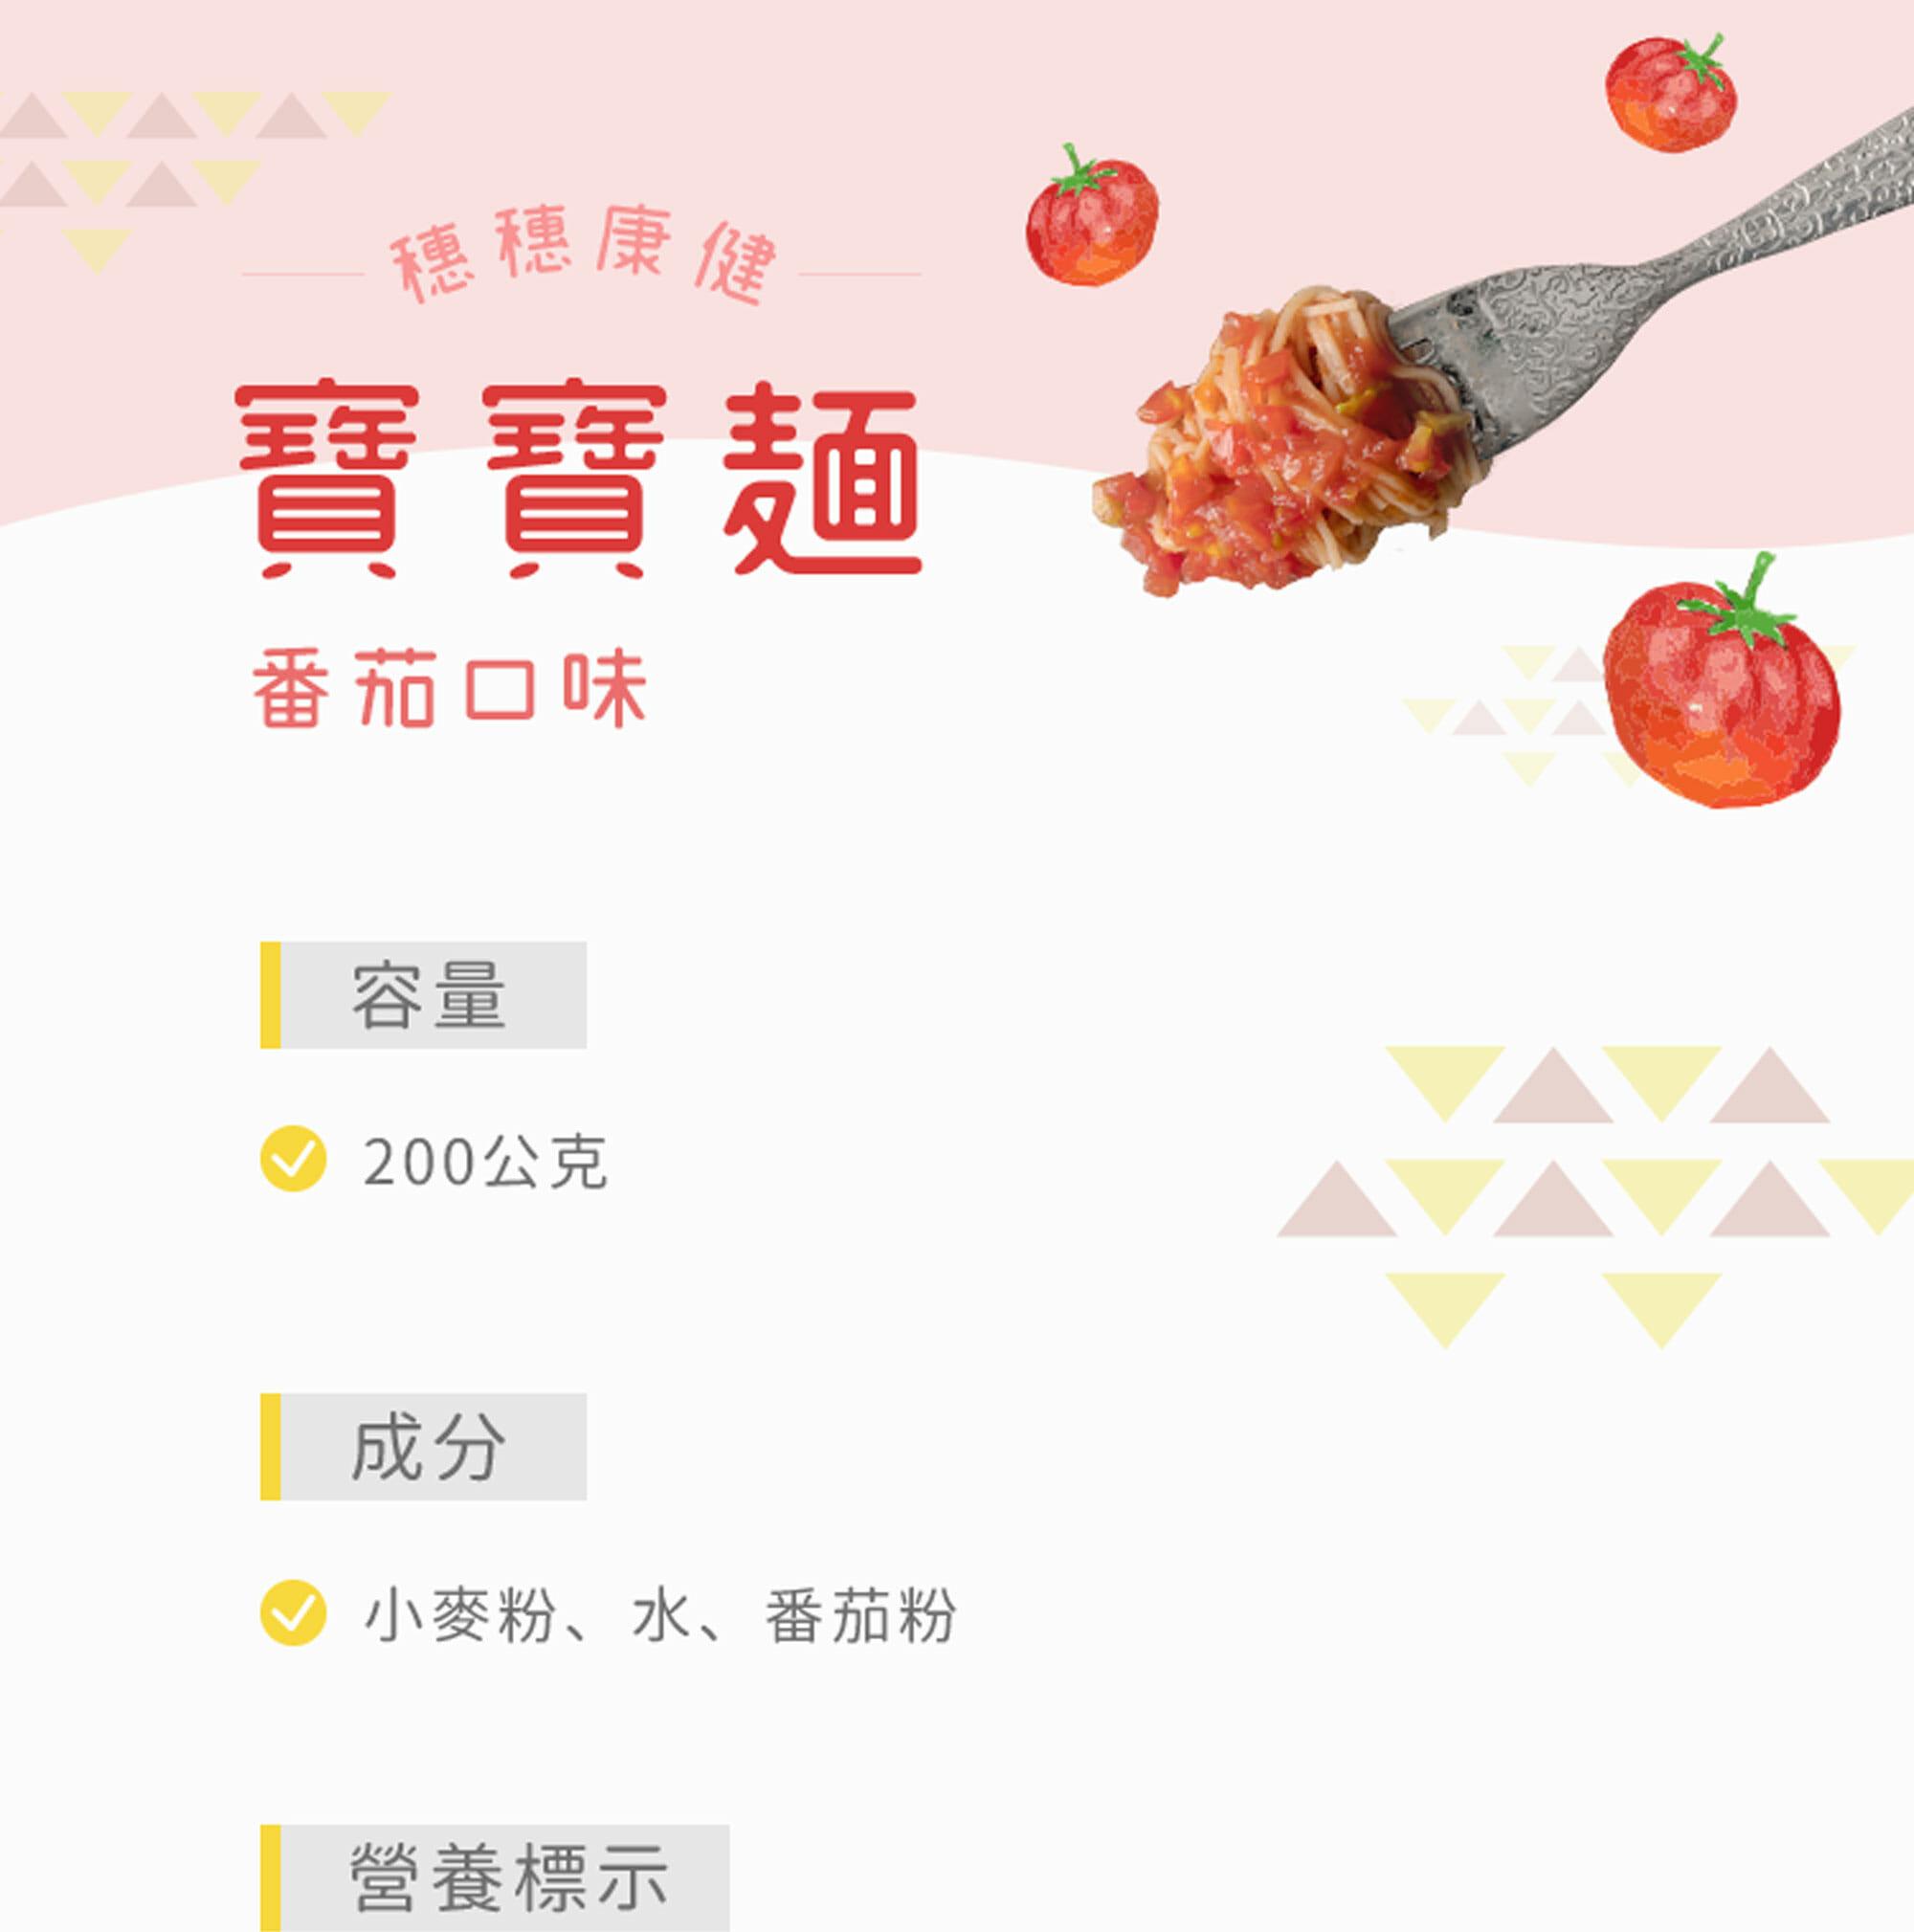 寶寶番茄麵容量為200公克,成分有小麥粉、水、番茄粉